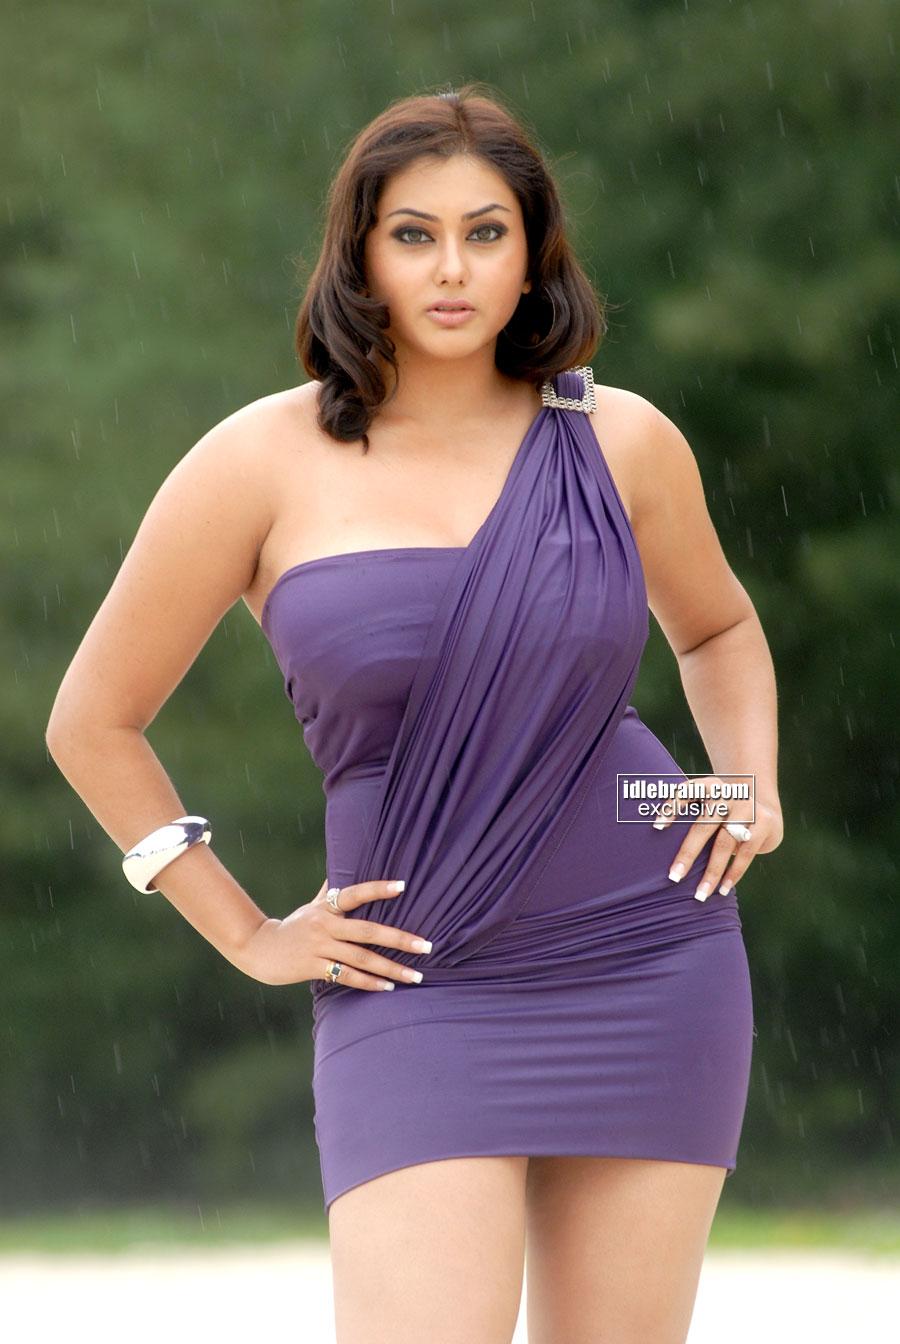 indian namita naked boobs